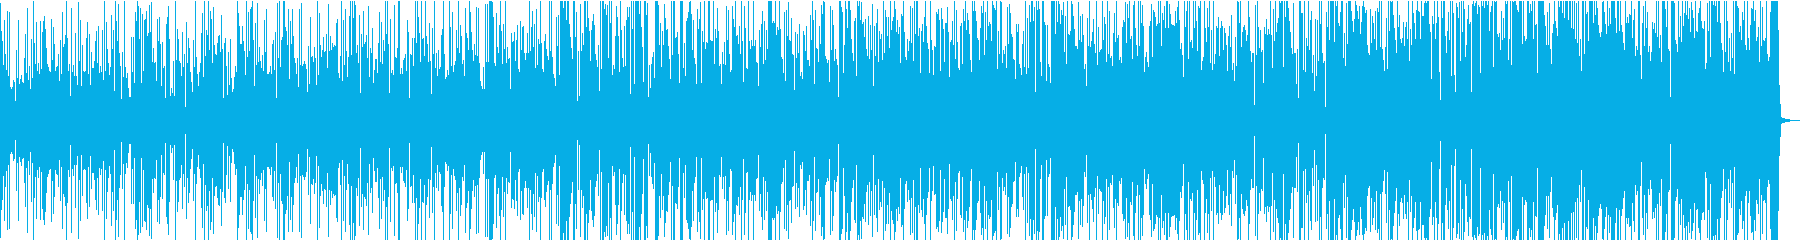 陽気でゆるやかなジャズポップの再生済みの波形